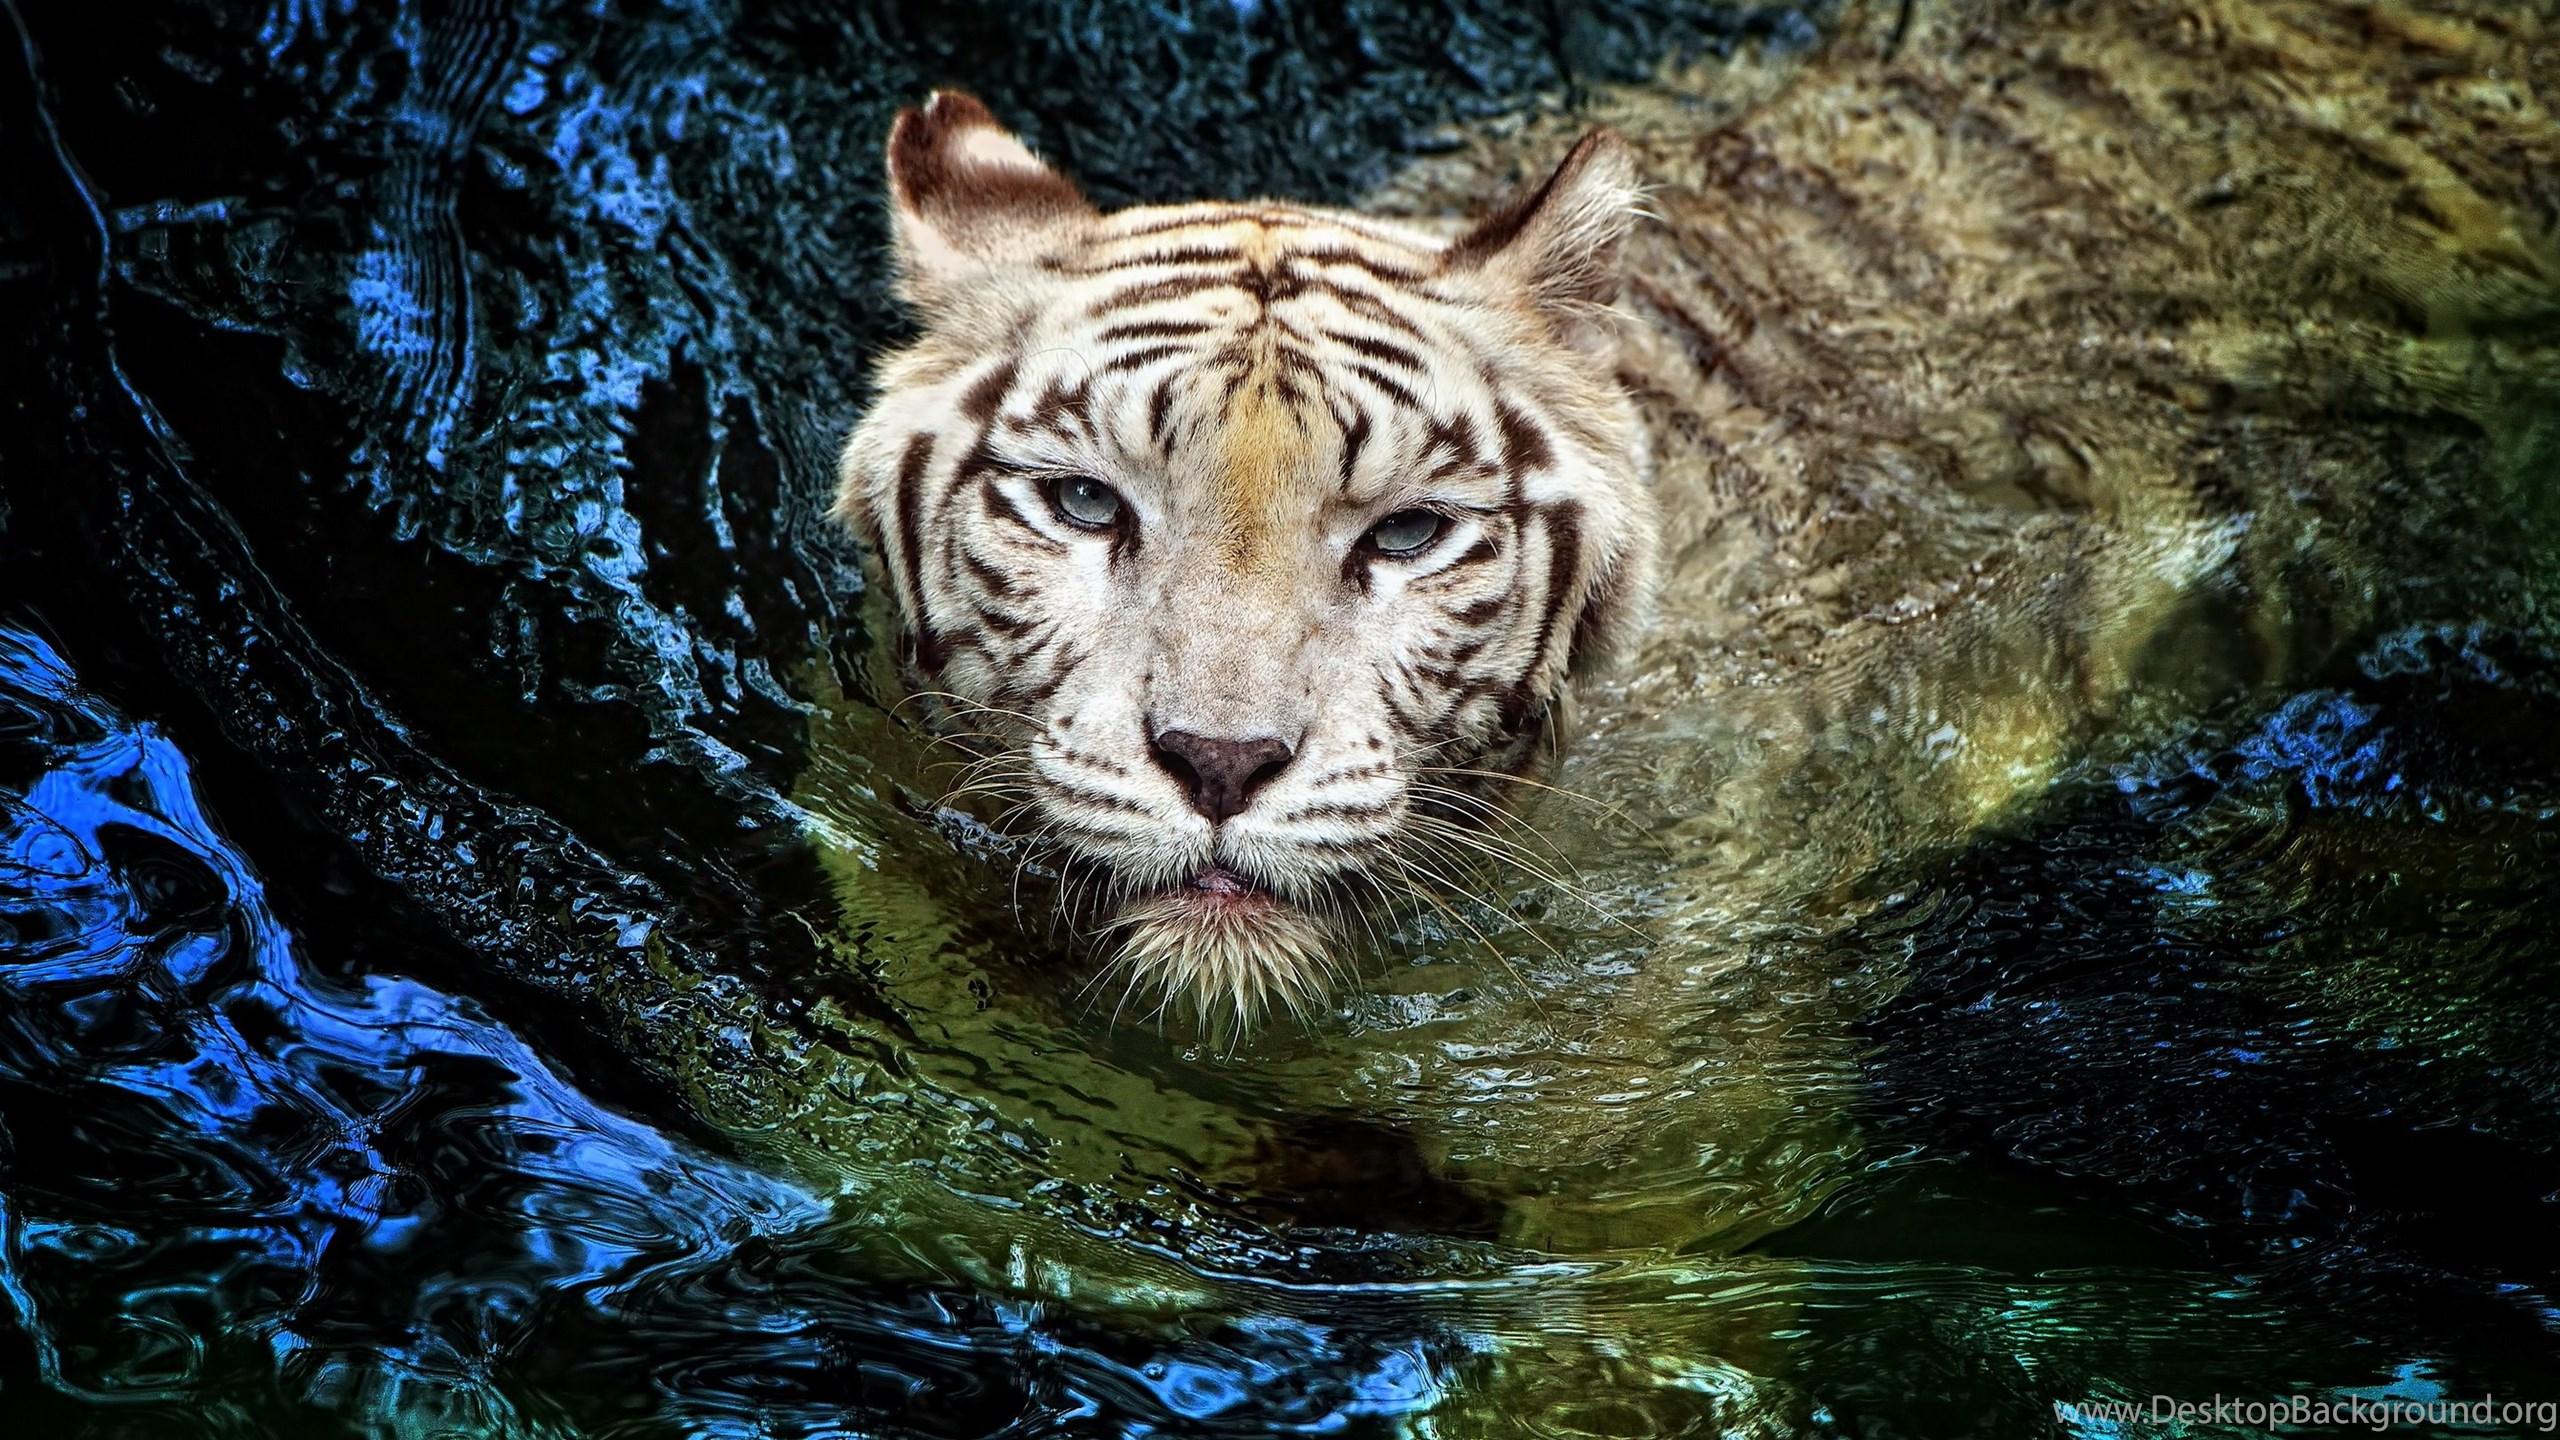 white tiger swimming water animal hd wallpapers desktop background